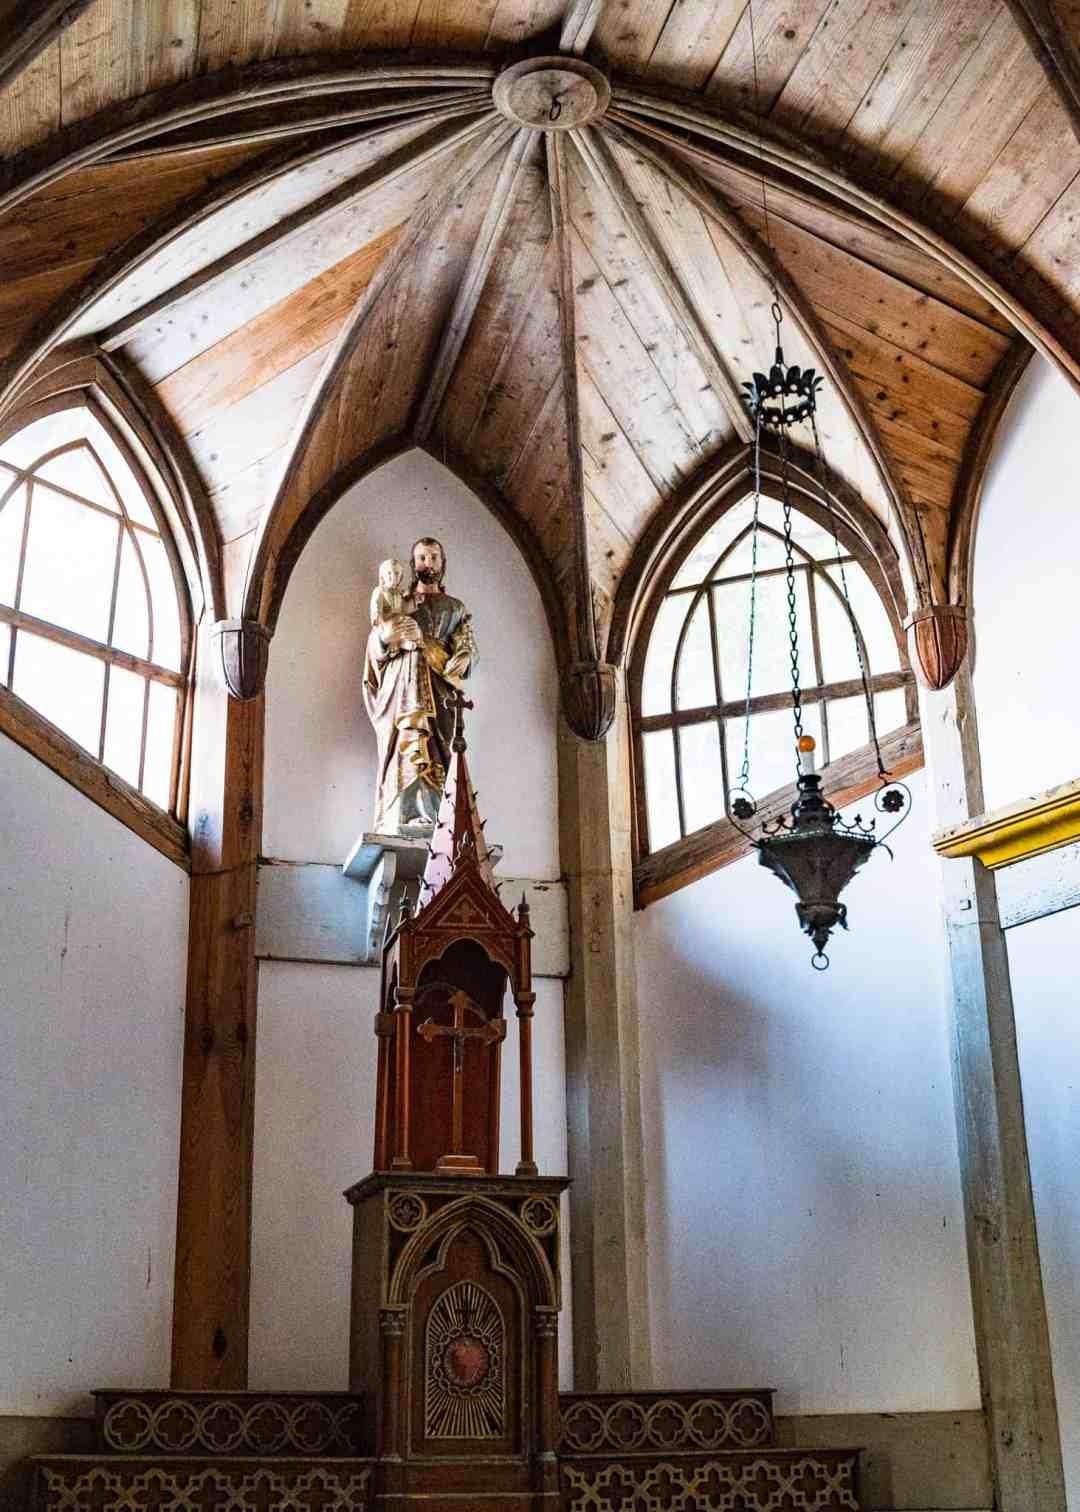 st. joseph of former gorin church